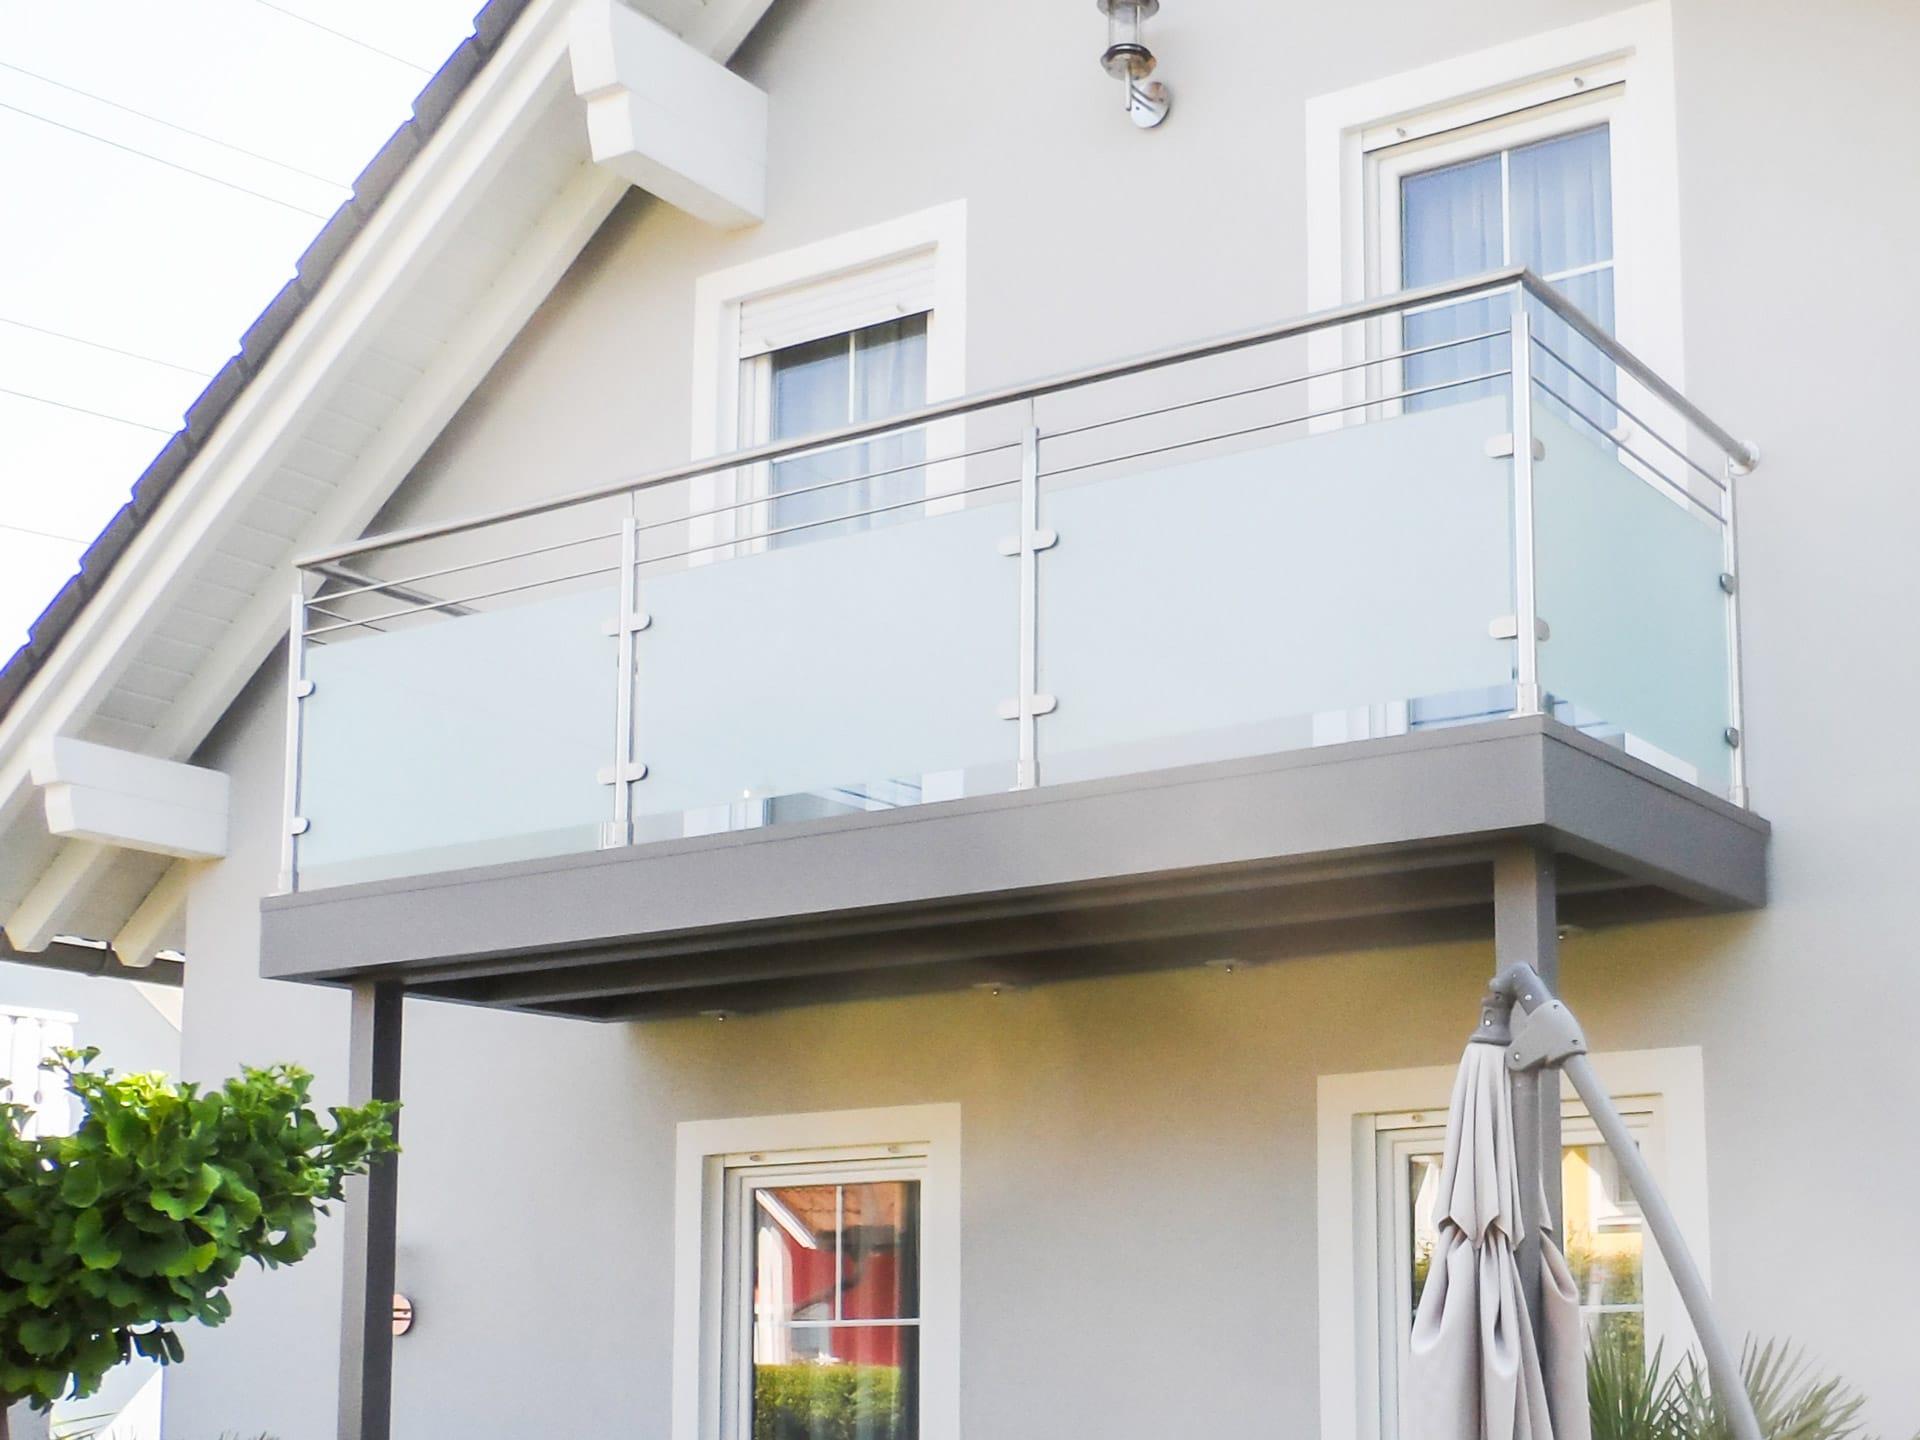 Bremen 58 b | Balkongeländer aus Edelstahl mit blickdichtem Glas, 2 waagrechte Niro-Stäbe | Svoboda